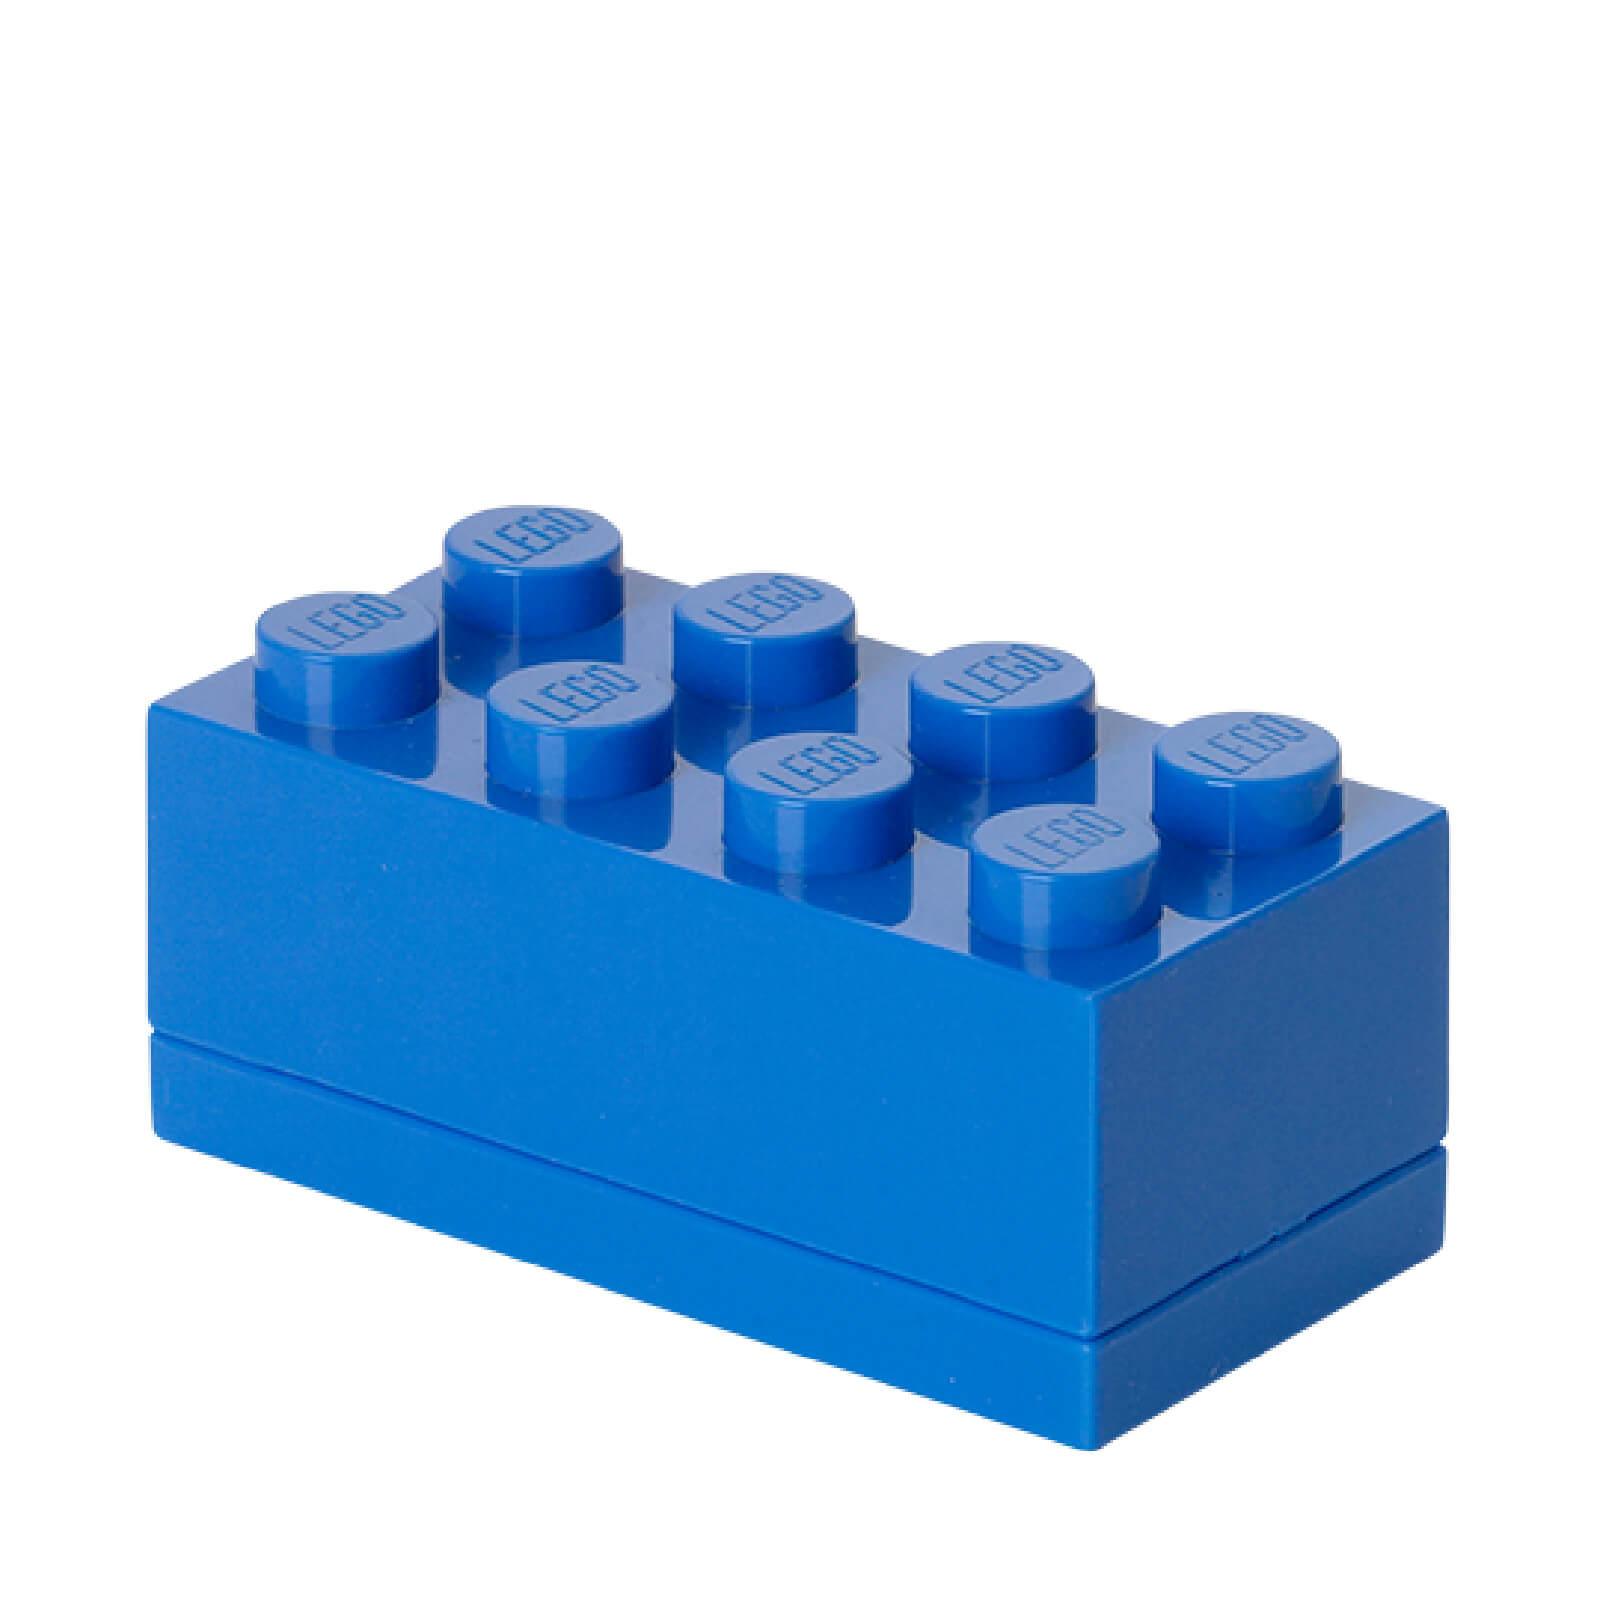 Lego Mini Box 8 - Bright Blue